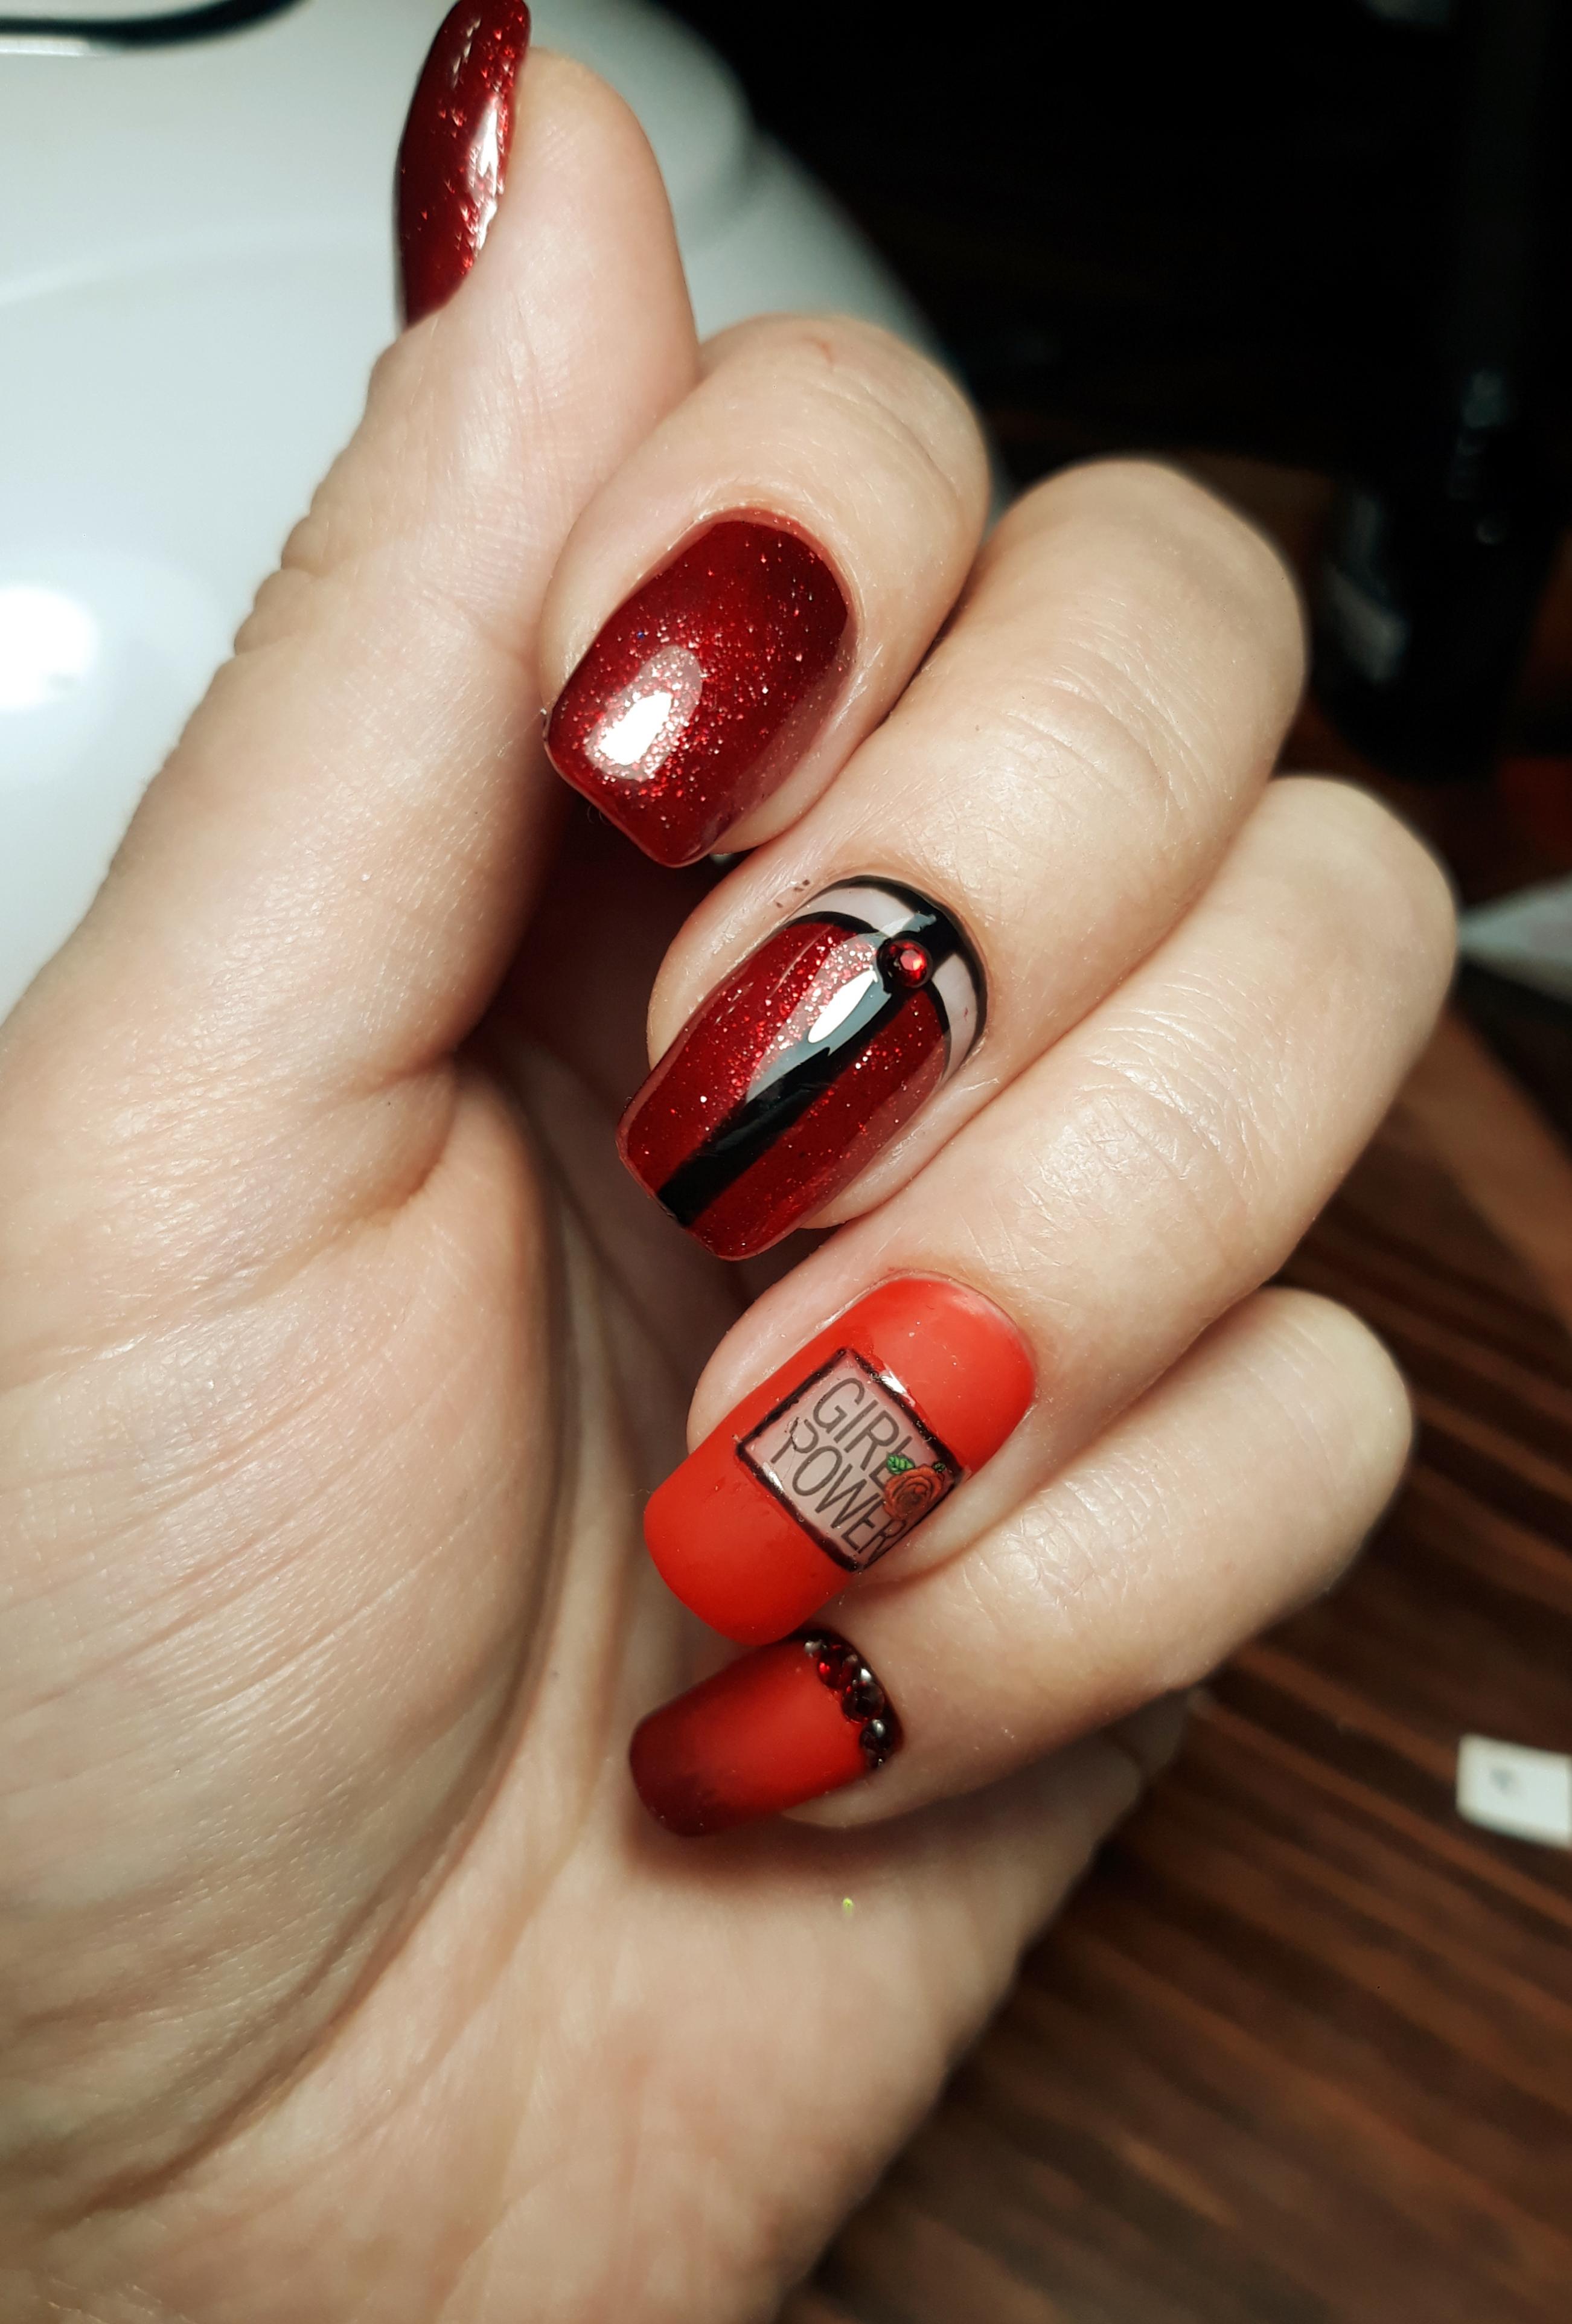 Геометрический маникюр с надписями, блестками и стразами в темно-красном цвете.